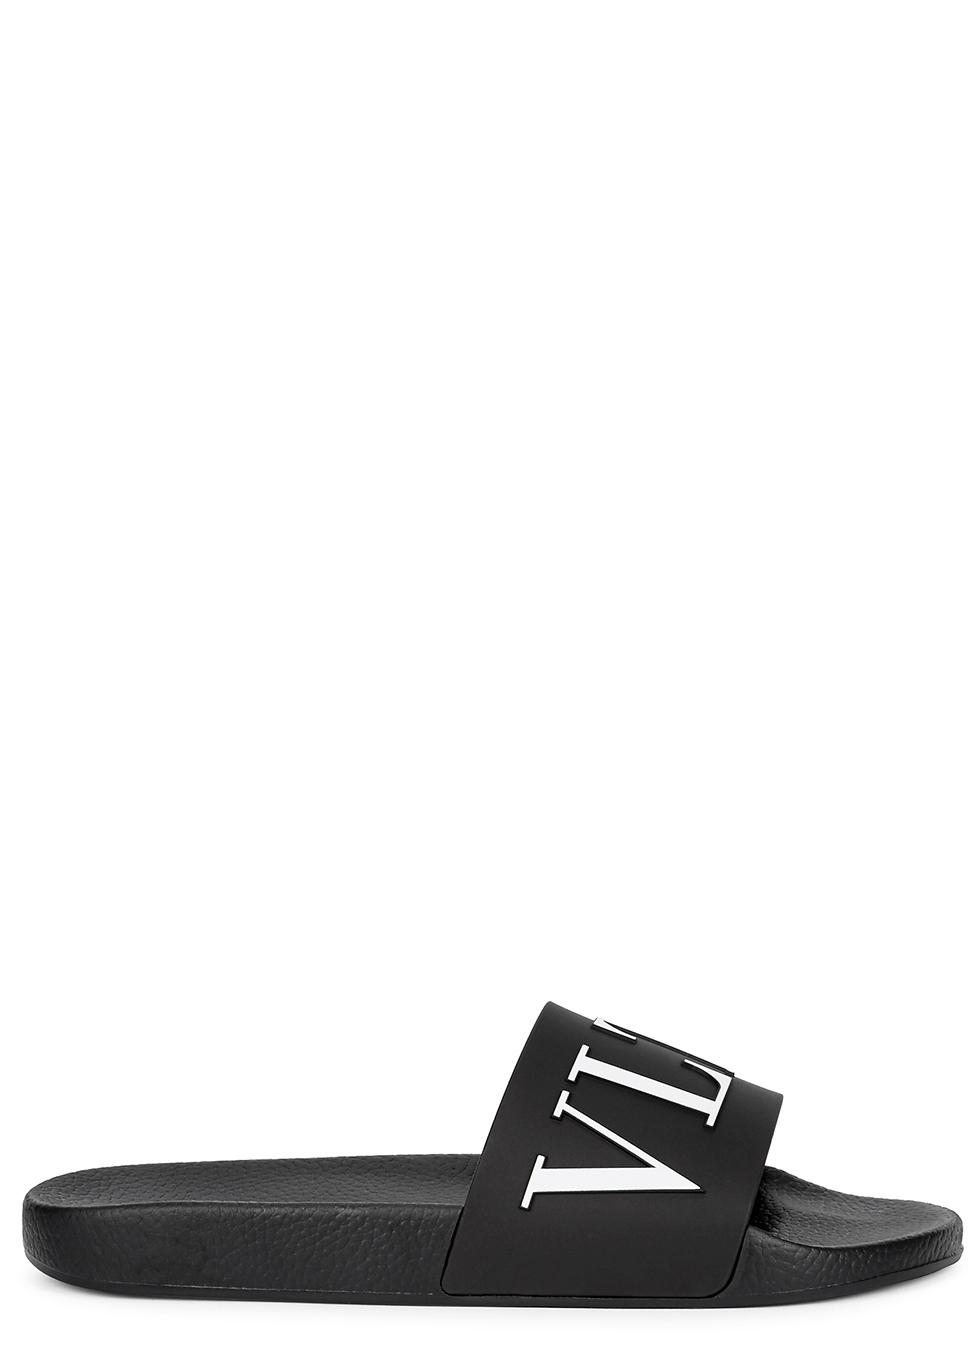 421fc5b1b26 Men s Designer Sandals